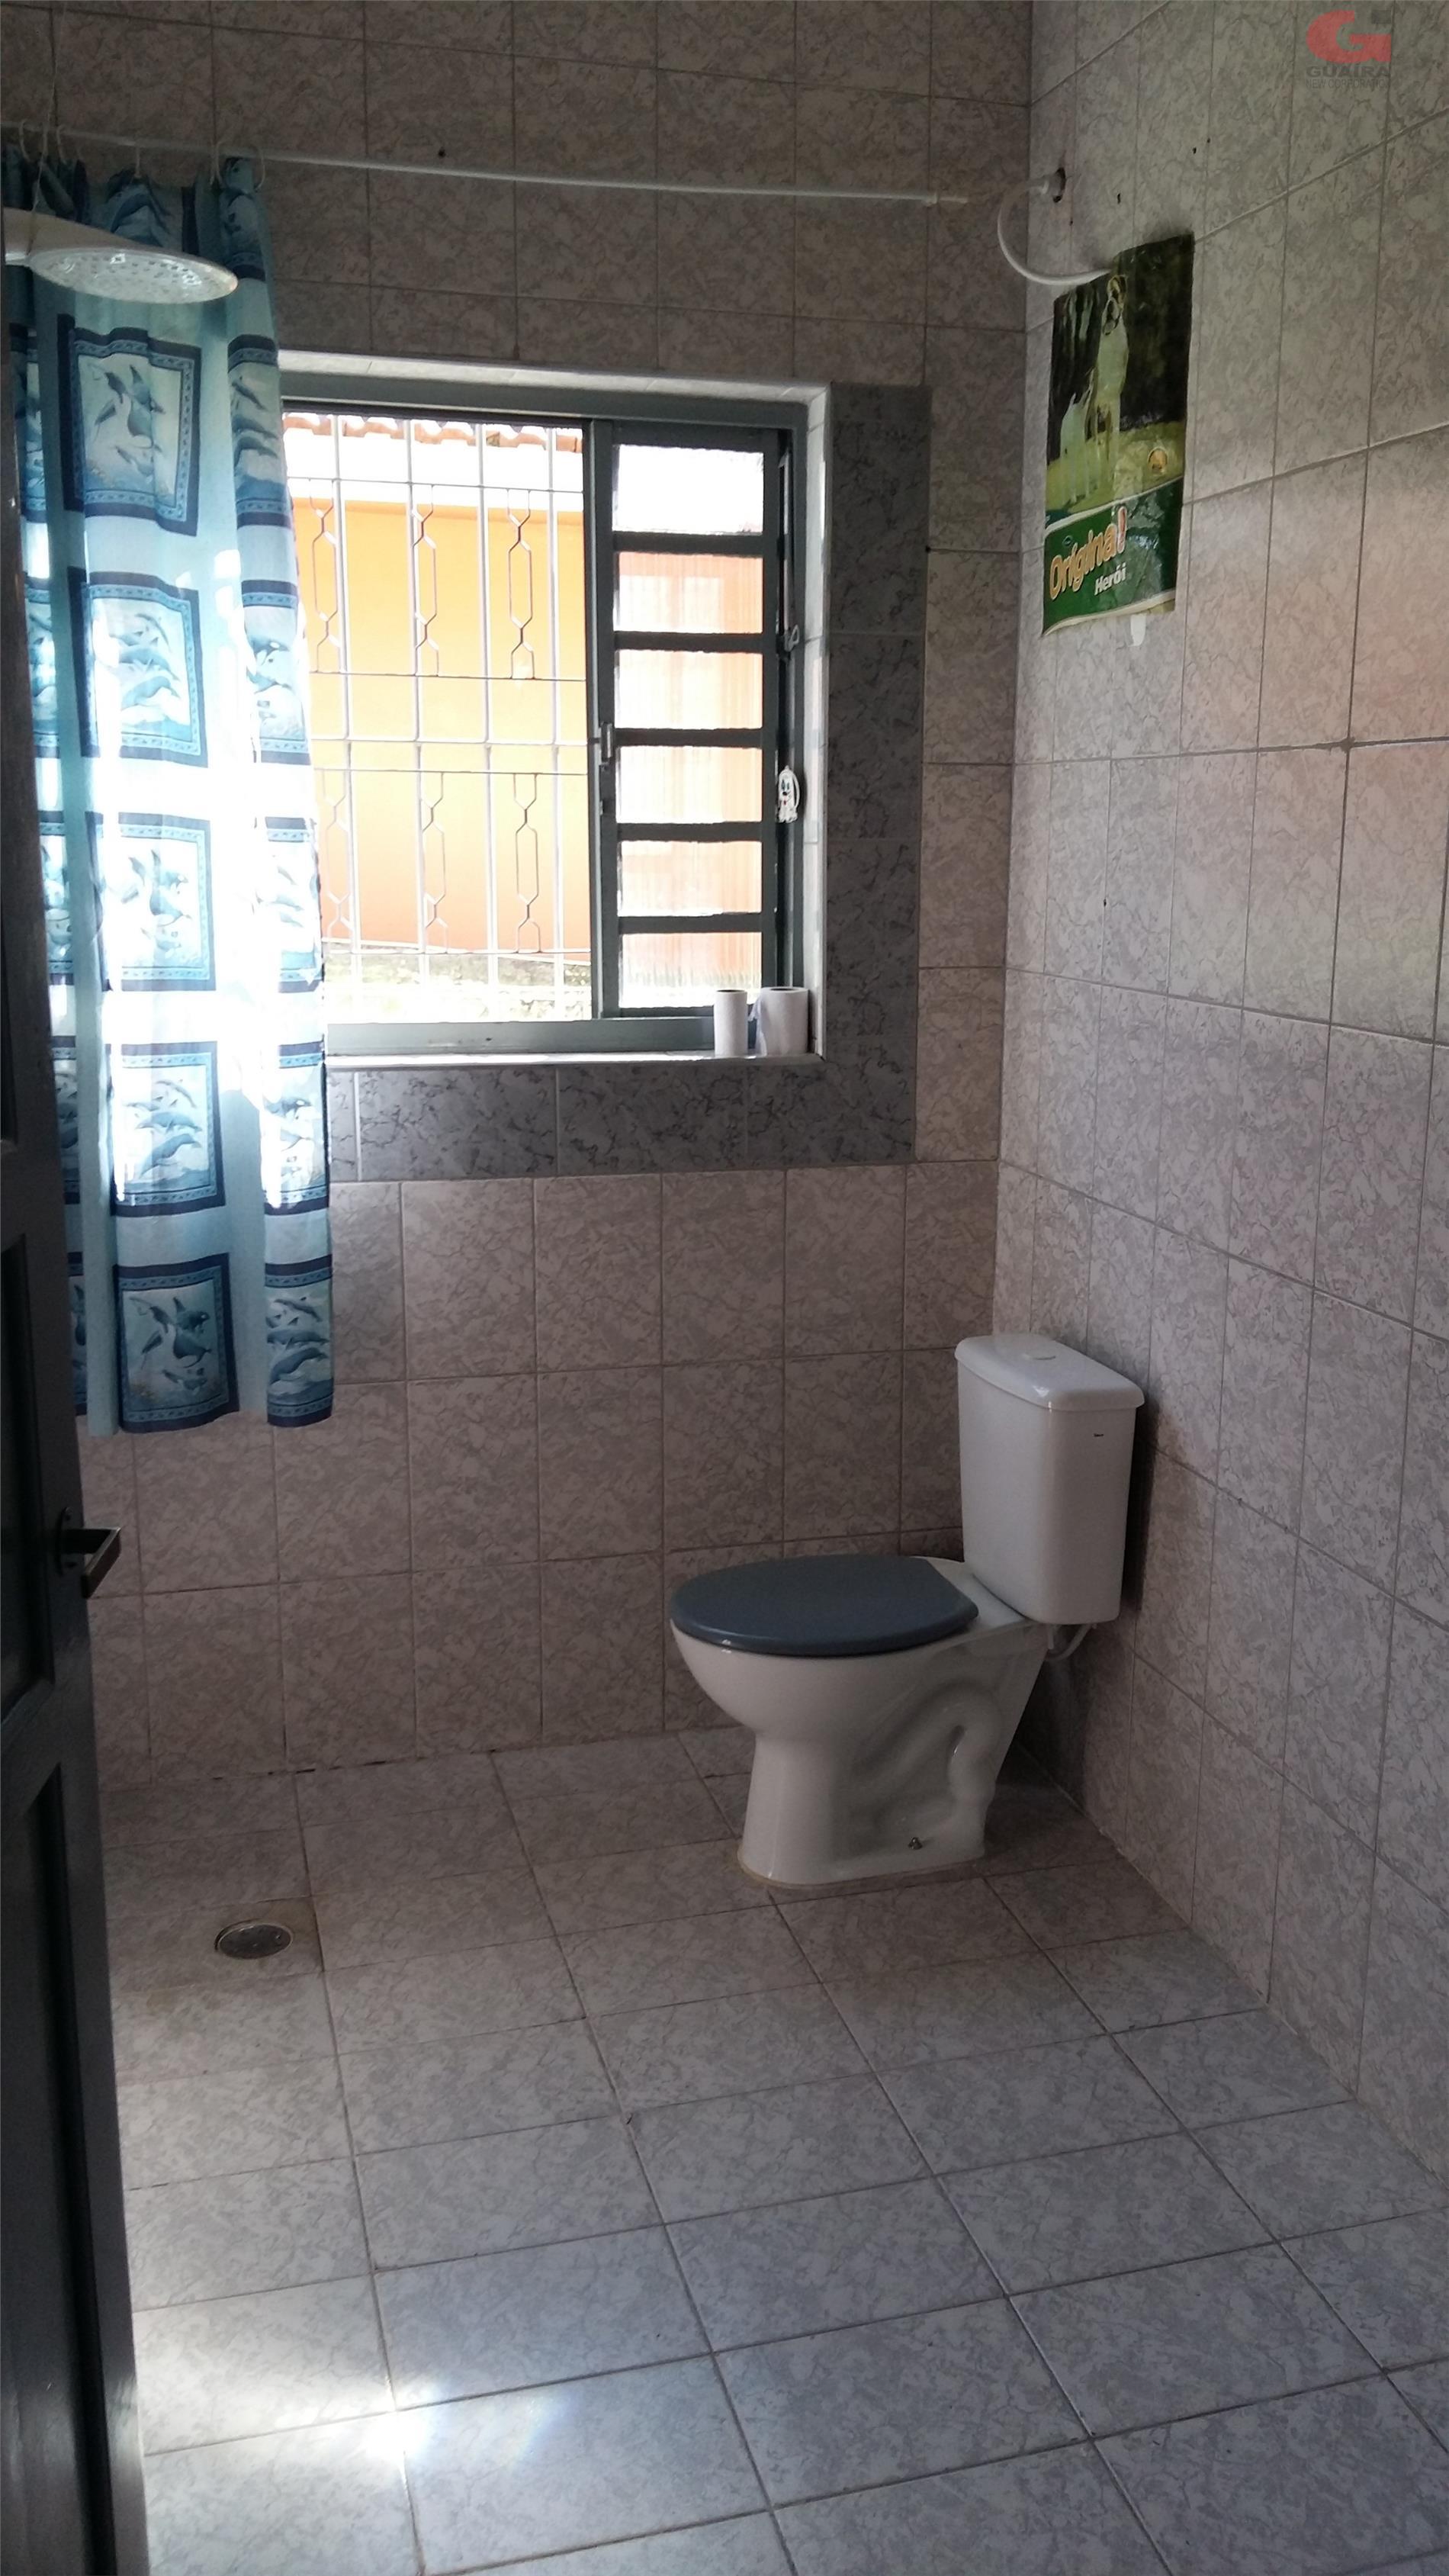 Casa de 1 dormitório em Taboão, Diadema - SP